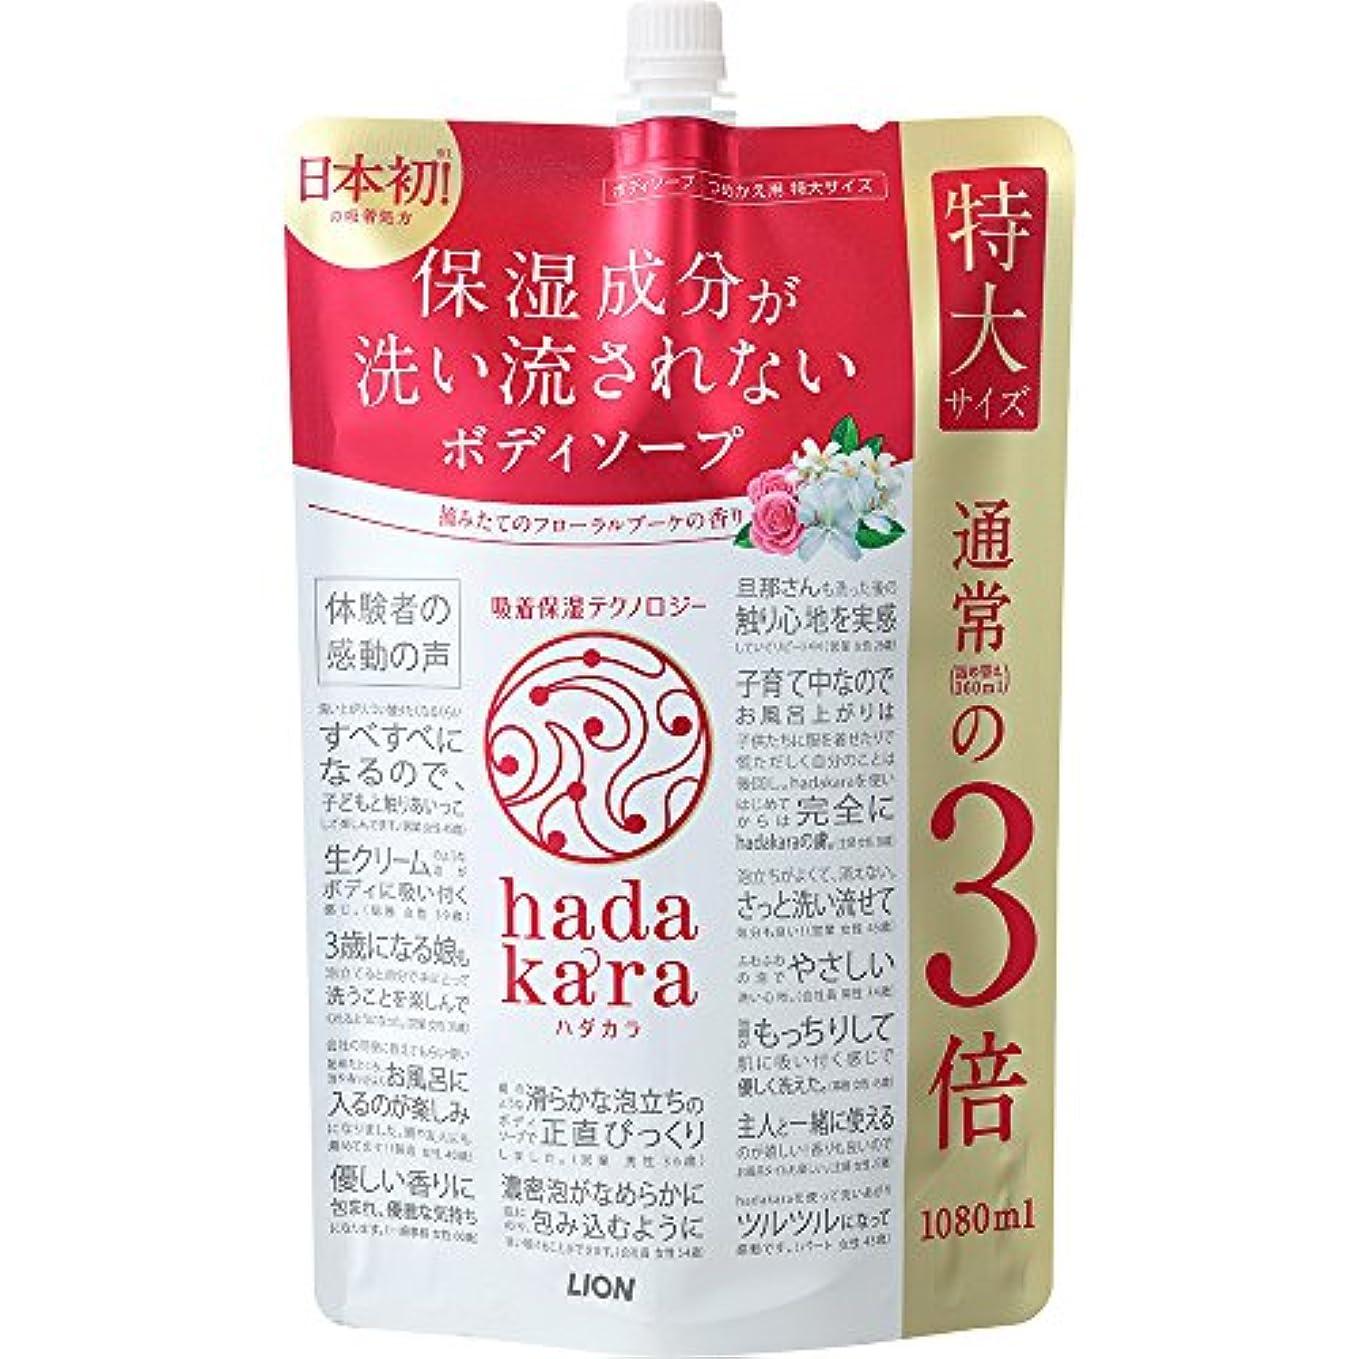 公平消毒剤具体的に【大容量】hadakara(ハダカラ) ボディソープ フローラルブーケの香り 詰め替え 特大 1080ml